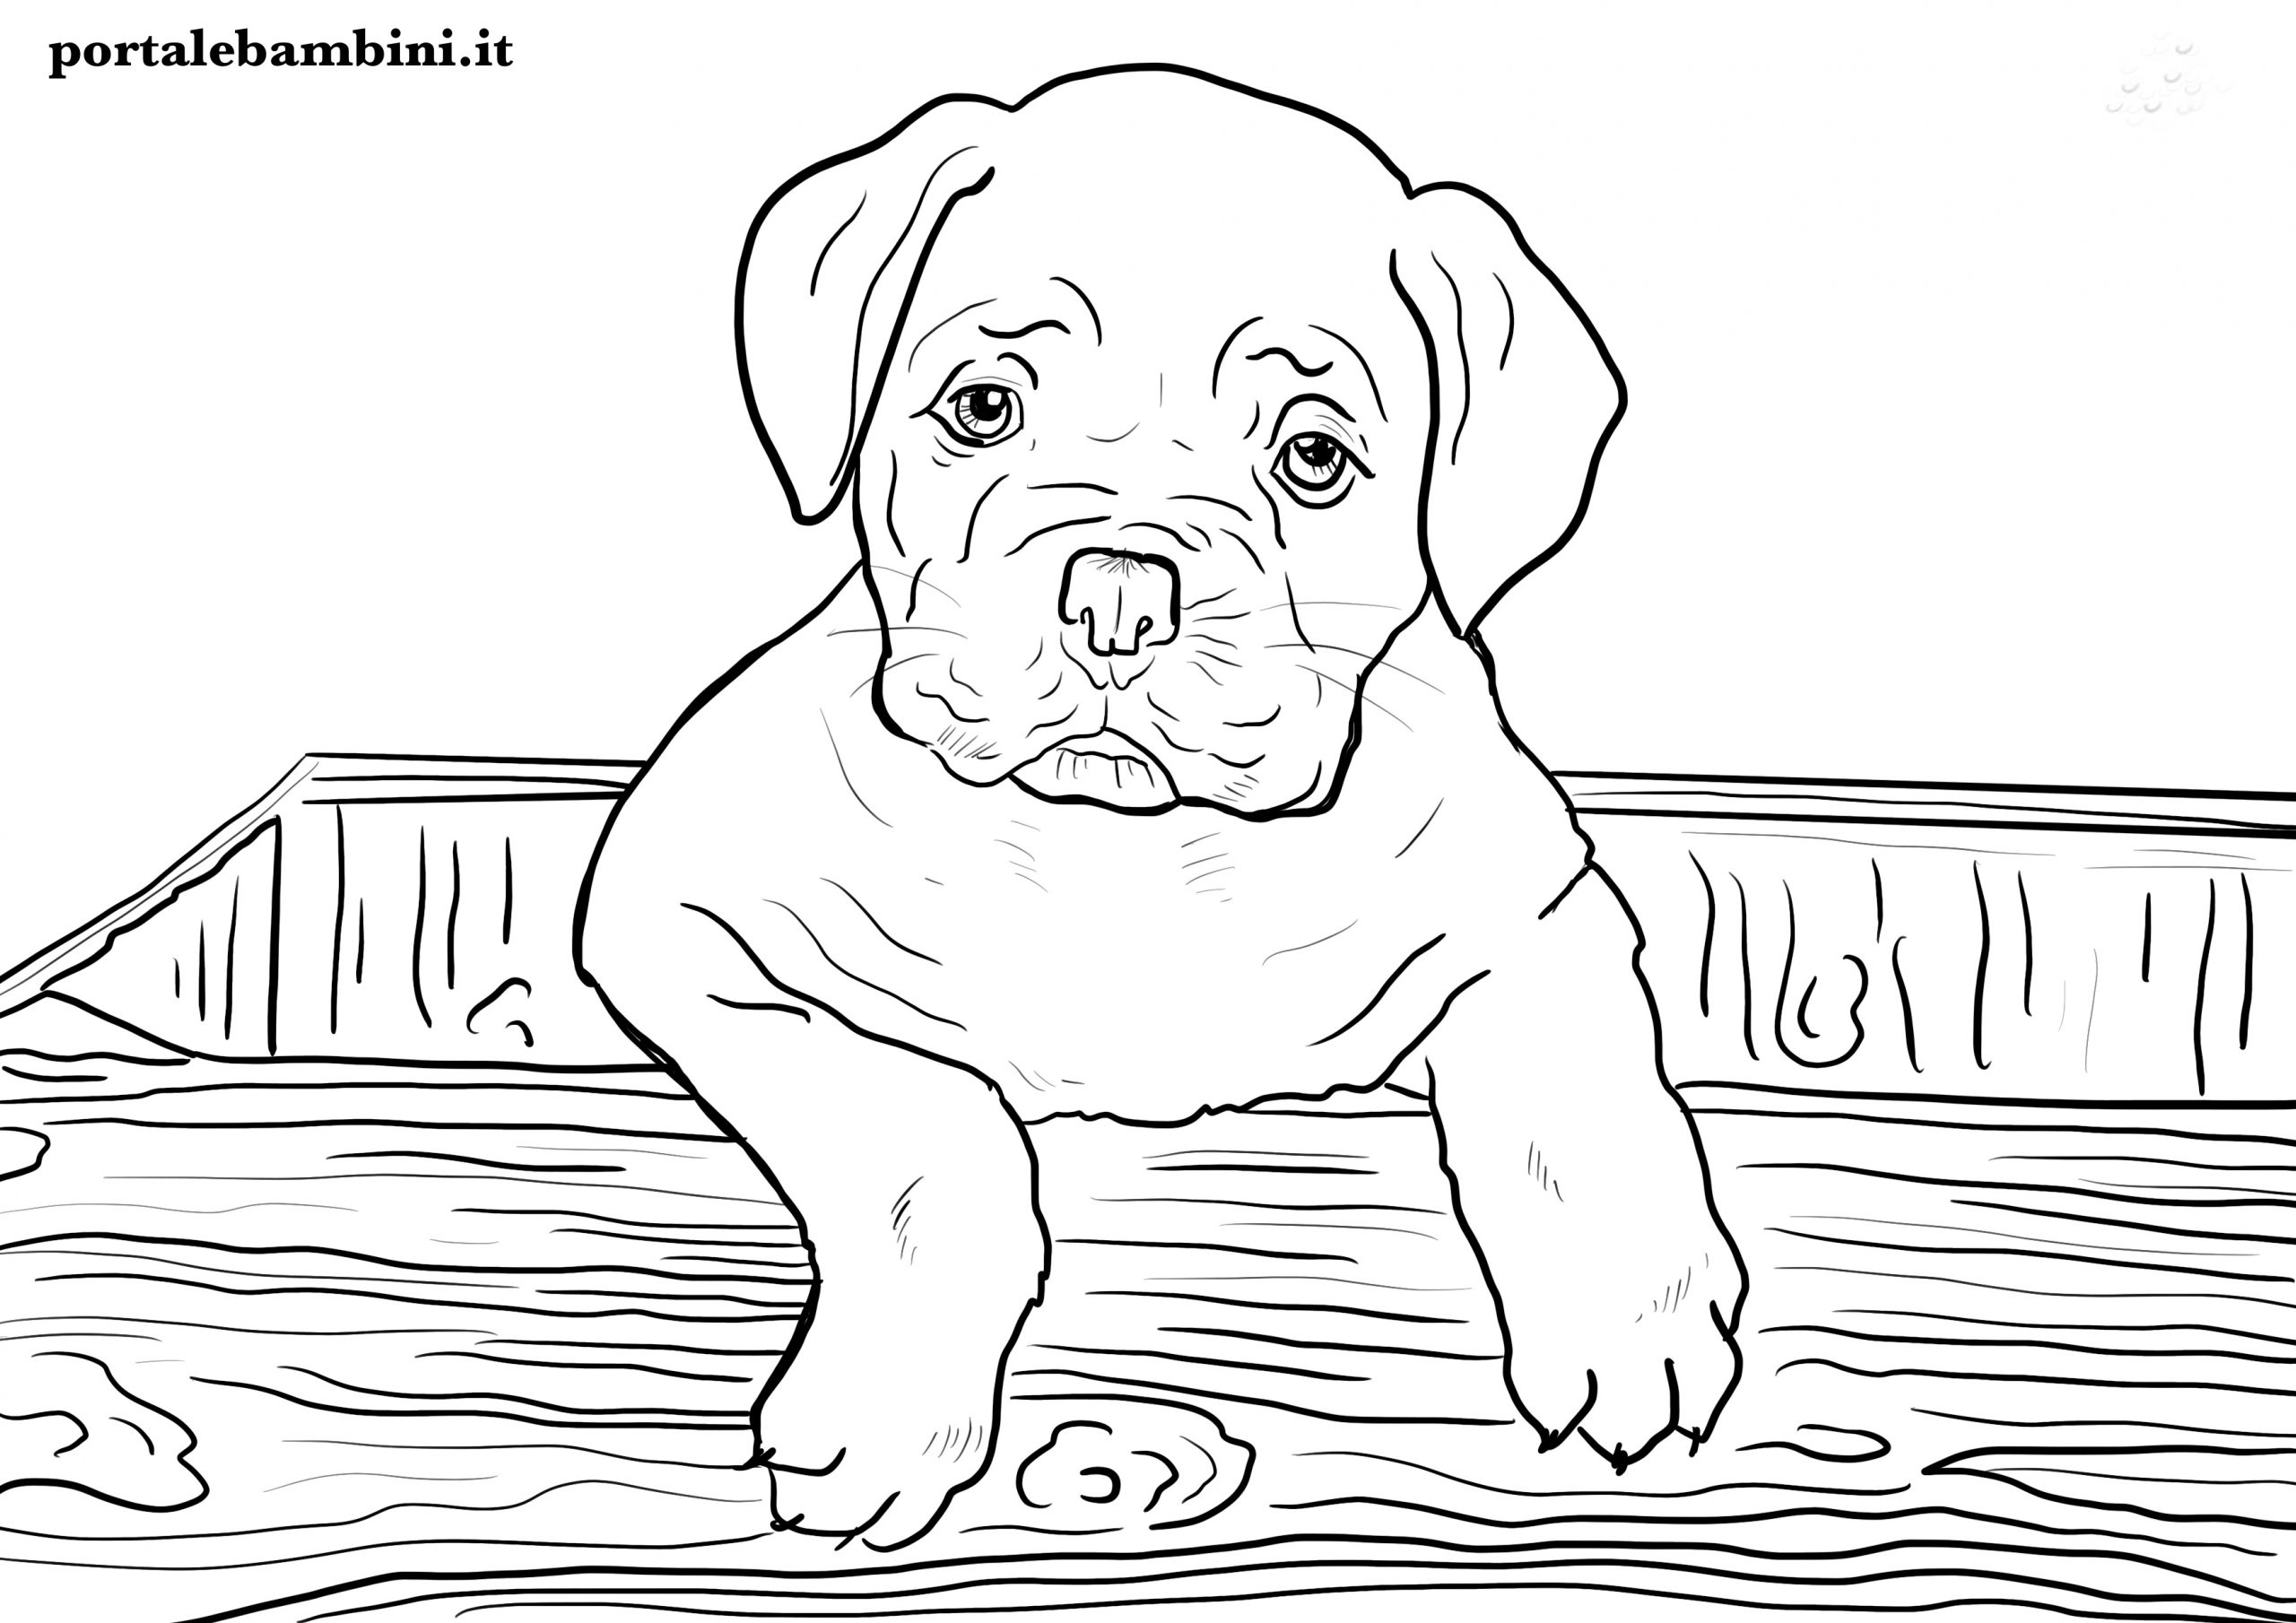 disegni di cani da stampare e colorare per bambini